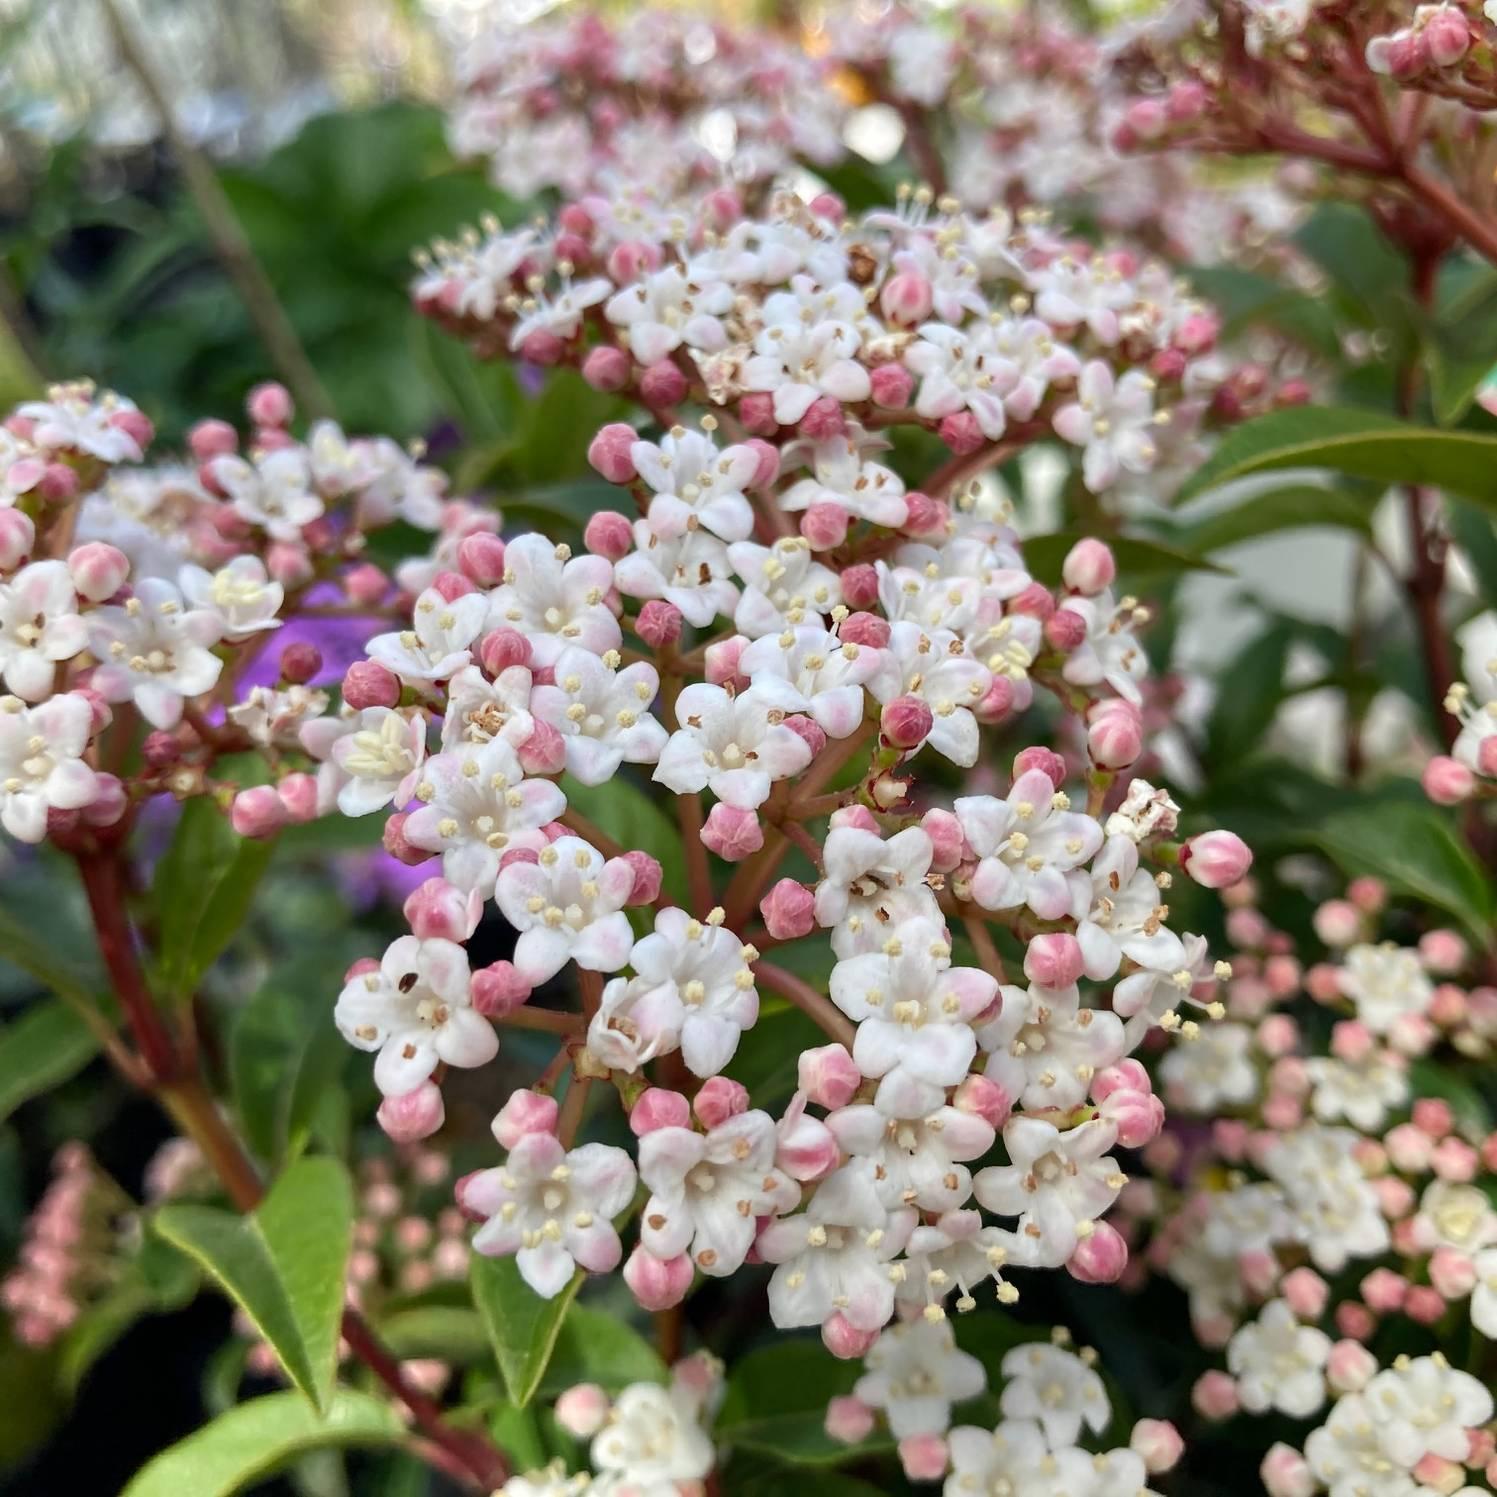 春・秋に咲いて白い花と青い実が美しい!ビバーナム ティヌス (常緑ガマズミ)5号苗 ※お届けに10日程度いただくことがございます。 [SJ]